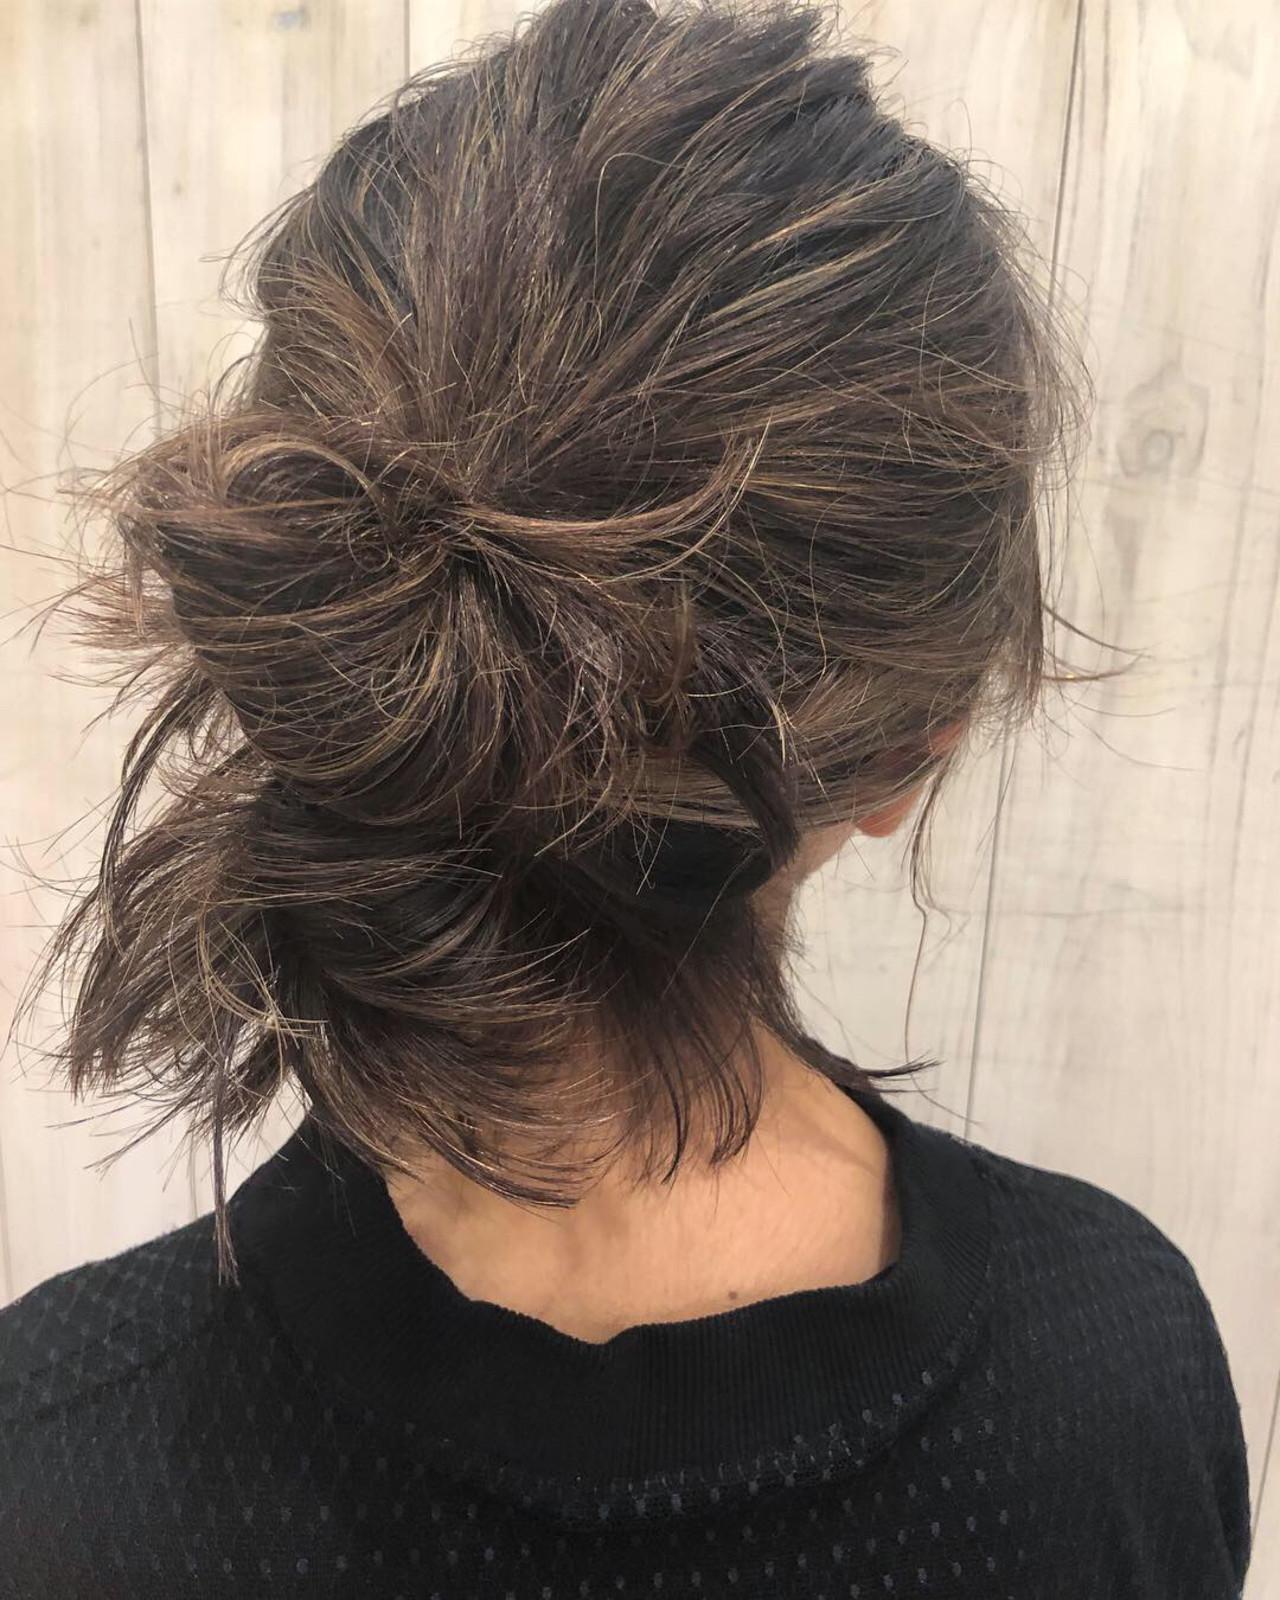 簡単ヘアアレンジ ミディアム アンニュイほつれヘア デート ヘアスタイルや髪型の写真・画像 | 銀座美容師 河野絵奈 / kakimotoamsGINZA2chome店